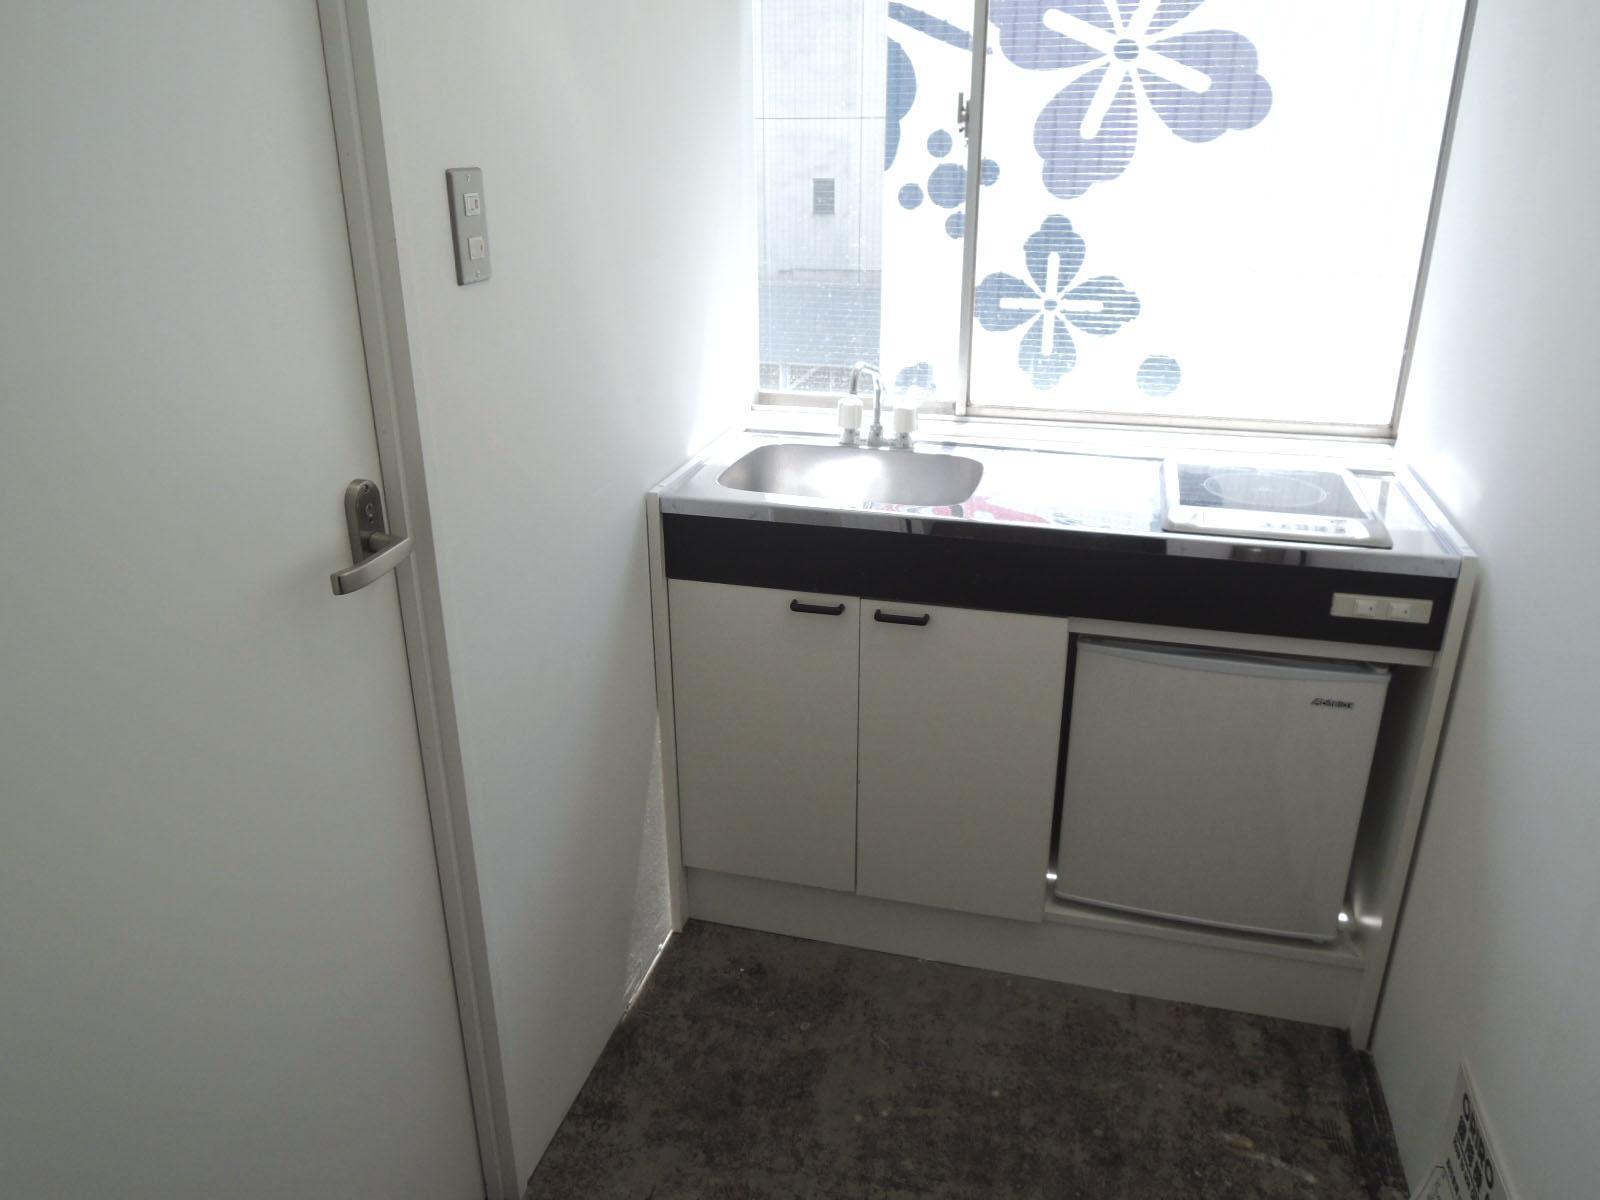 IHコンロとミニ冷蔵庫付き、左のドアがトイレです